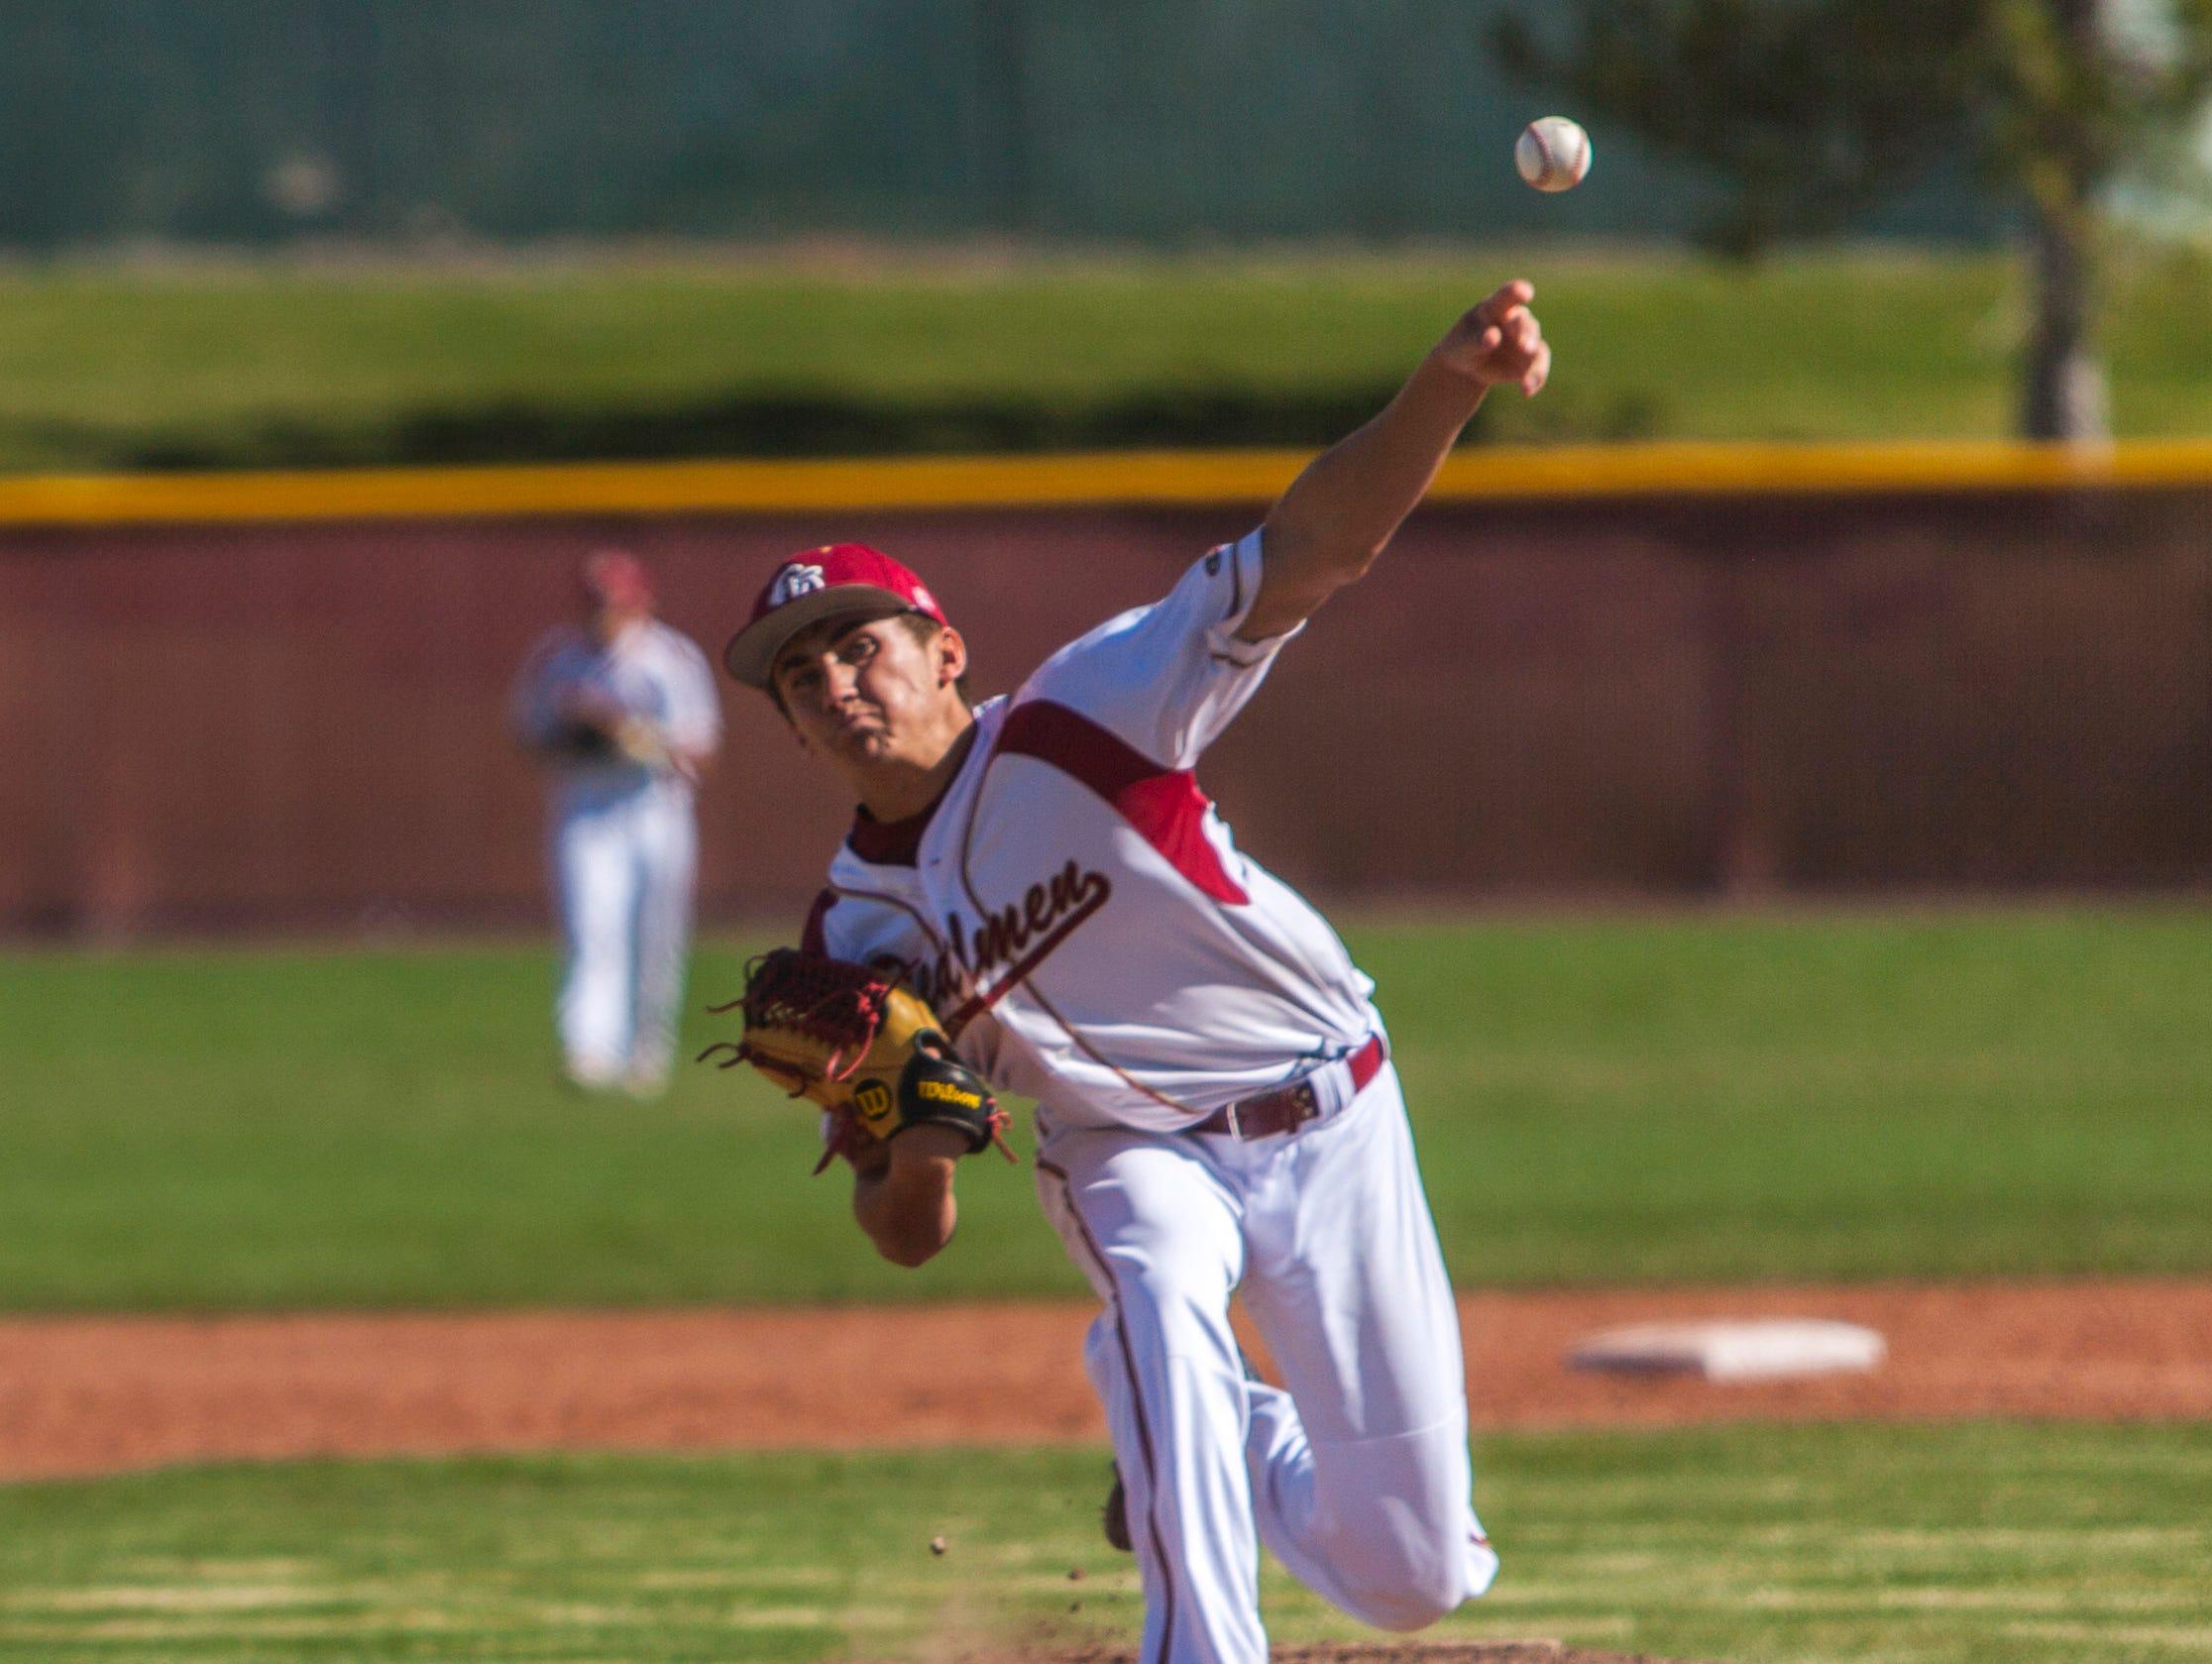 High School Baseball: Snow Canyon at Cedar, Tuesday, April 12, 2016. Final Score: SCHS 13, CHS 2 (5 innings).